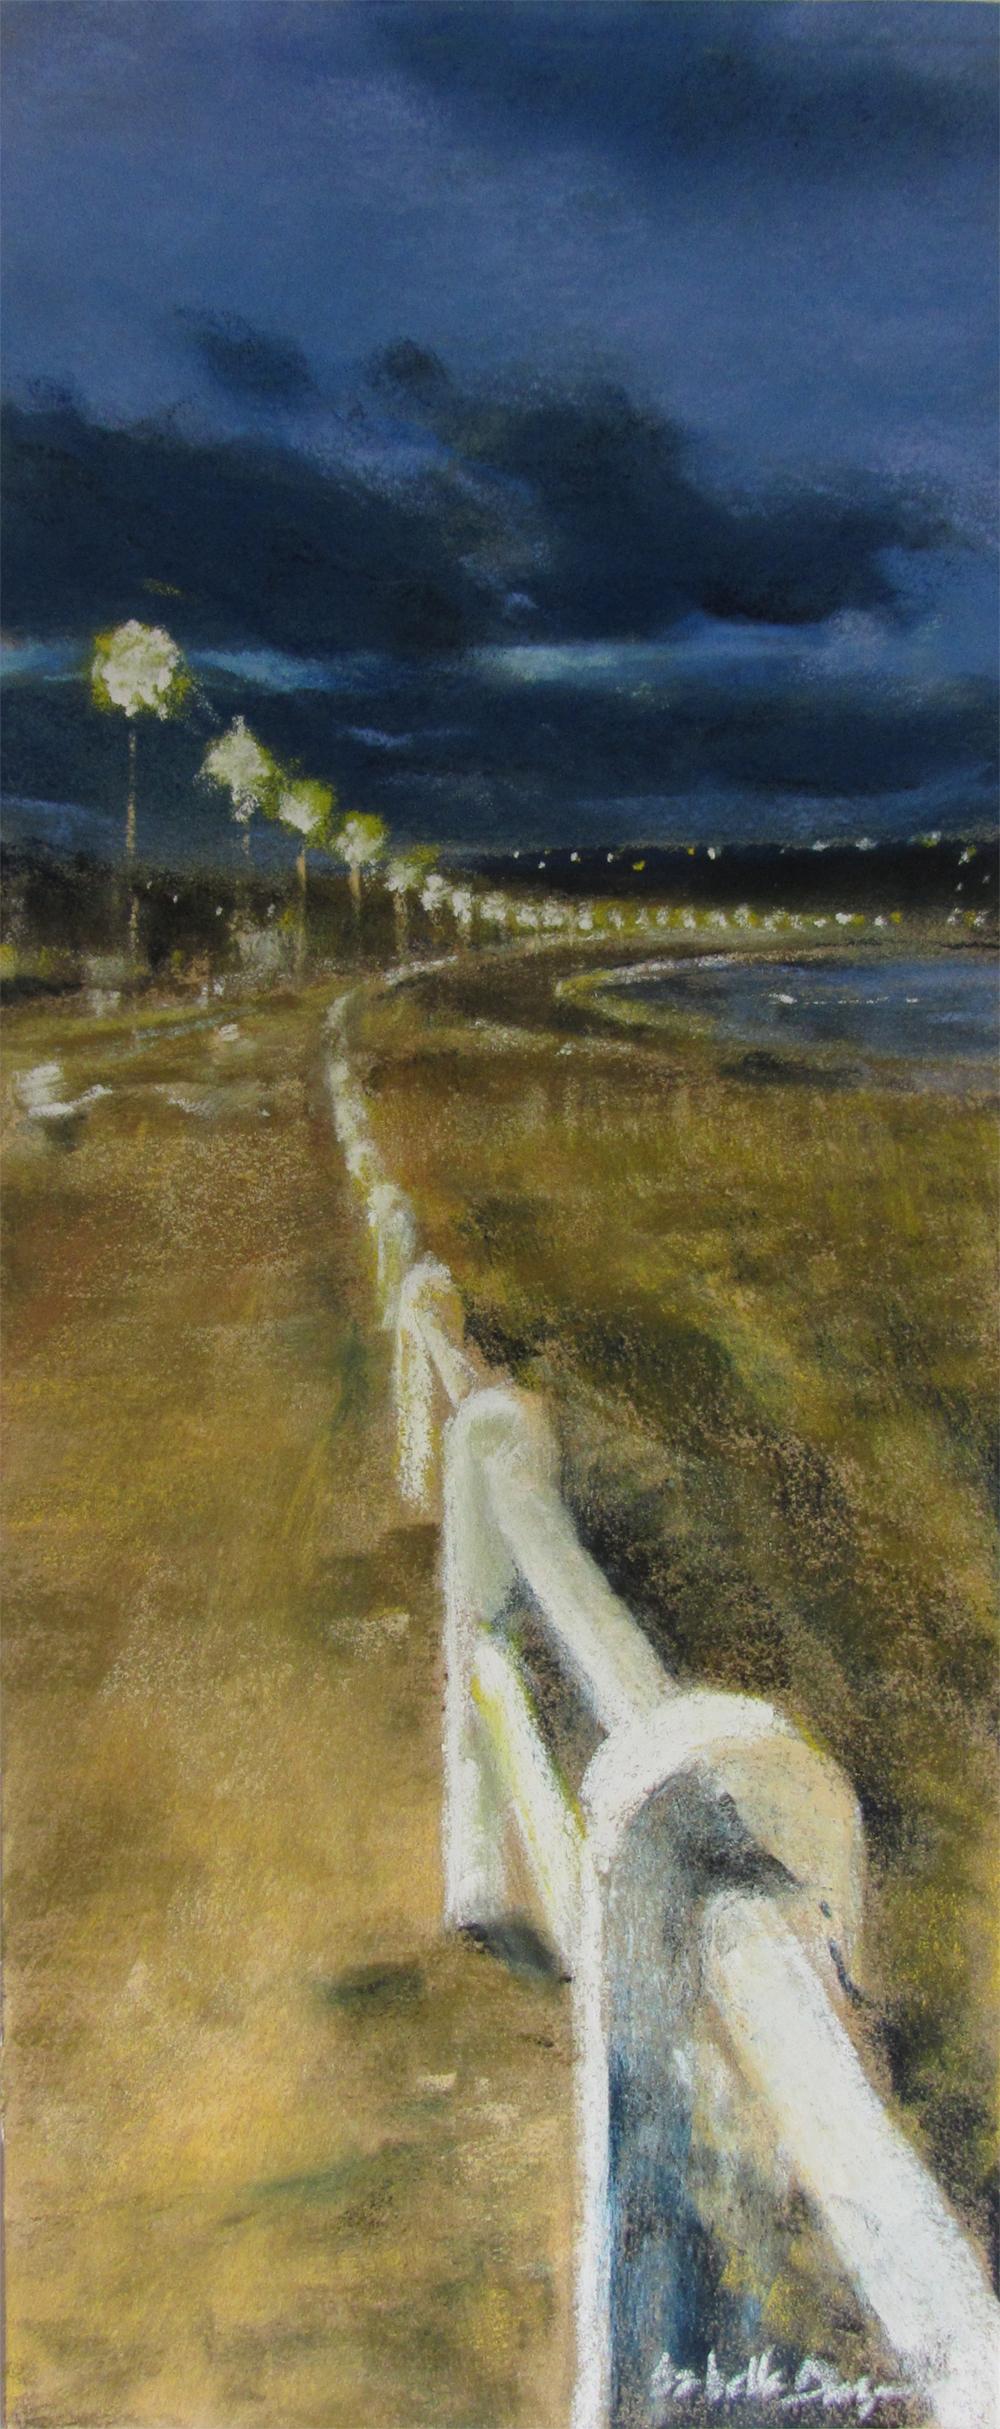 Lumière du soir Saint-Cast - Peinture au pastel sec par isabelle Douzamy - 17x42cm